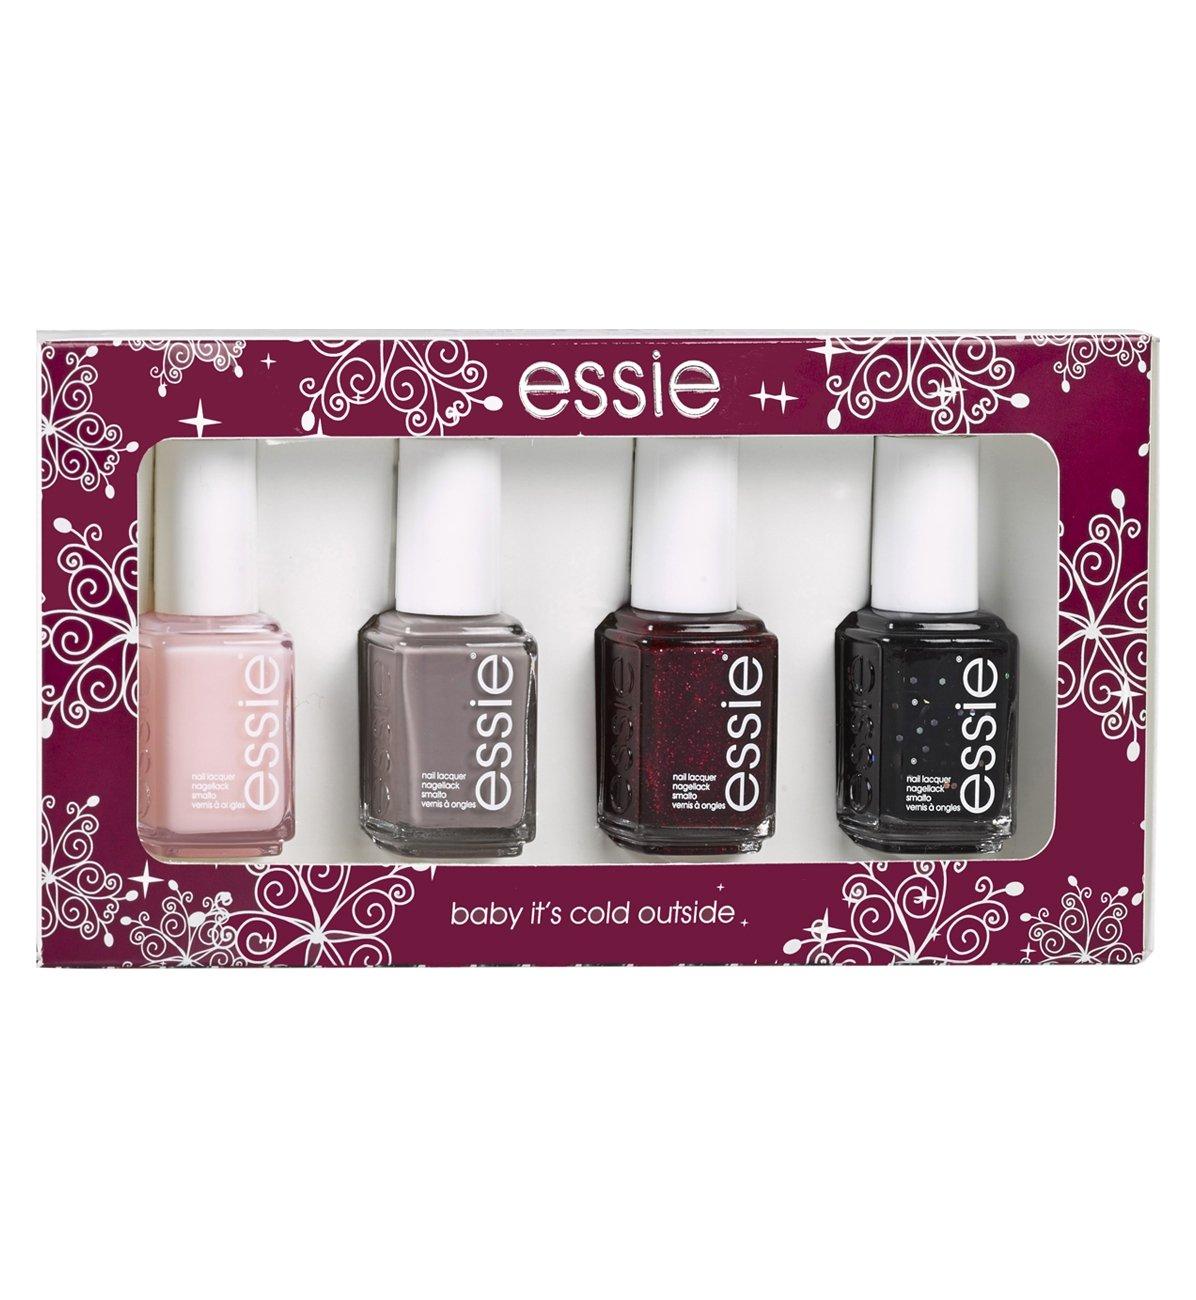 essie Original Nail Polish, Gift Sets, Christmas Quad Box: Amazon.co ...